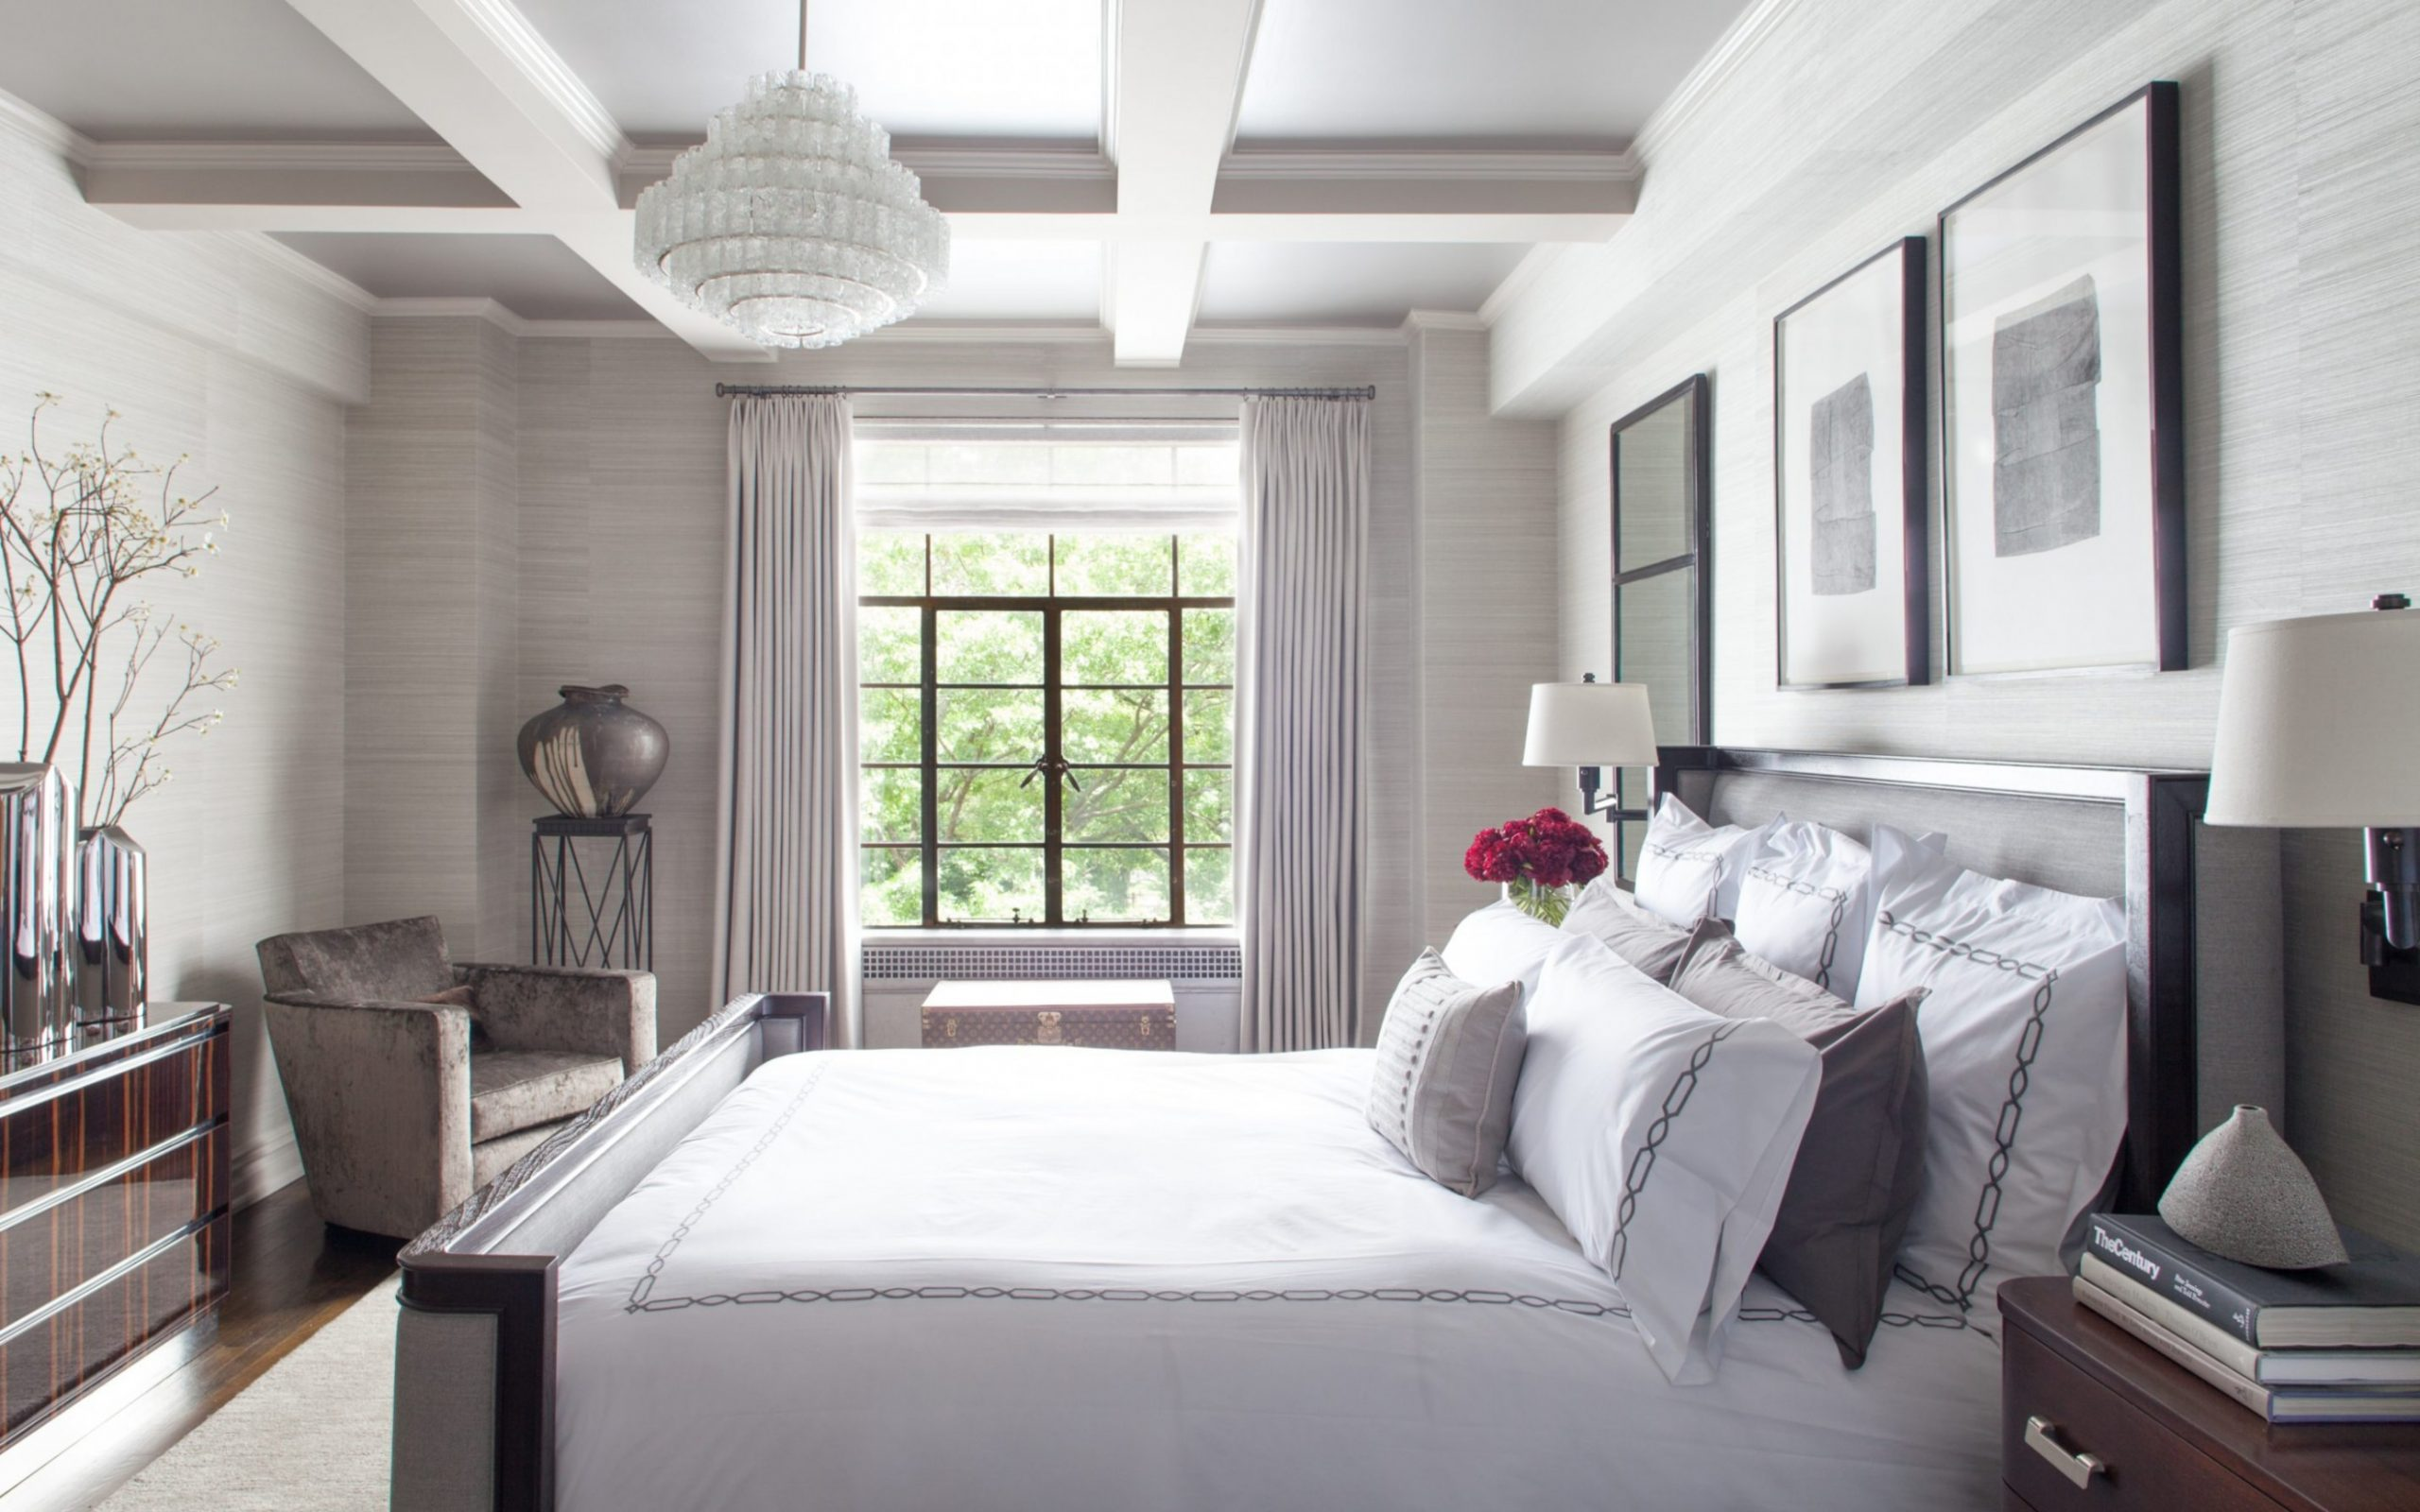 9 Bedroom Colour Schemes  Bedroom Colour Ideas  LuxDeco - Bedroom Colour Ideas